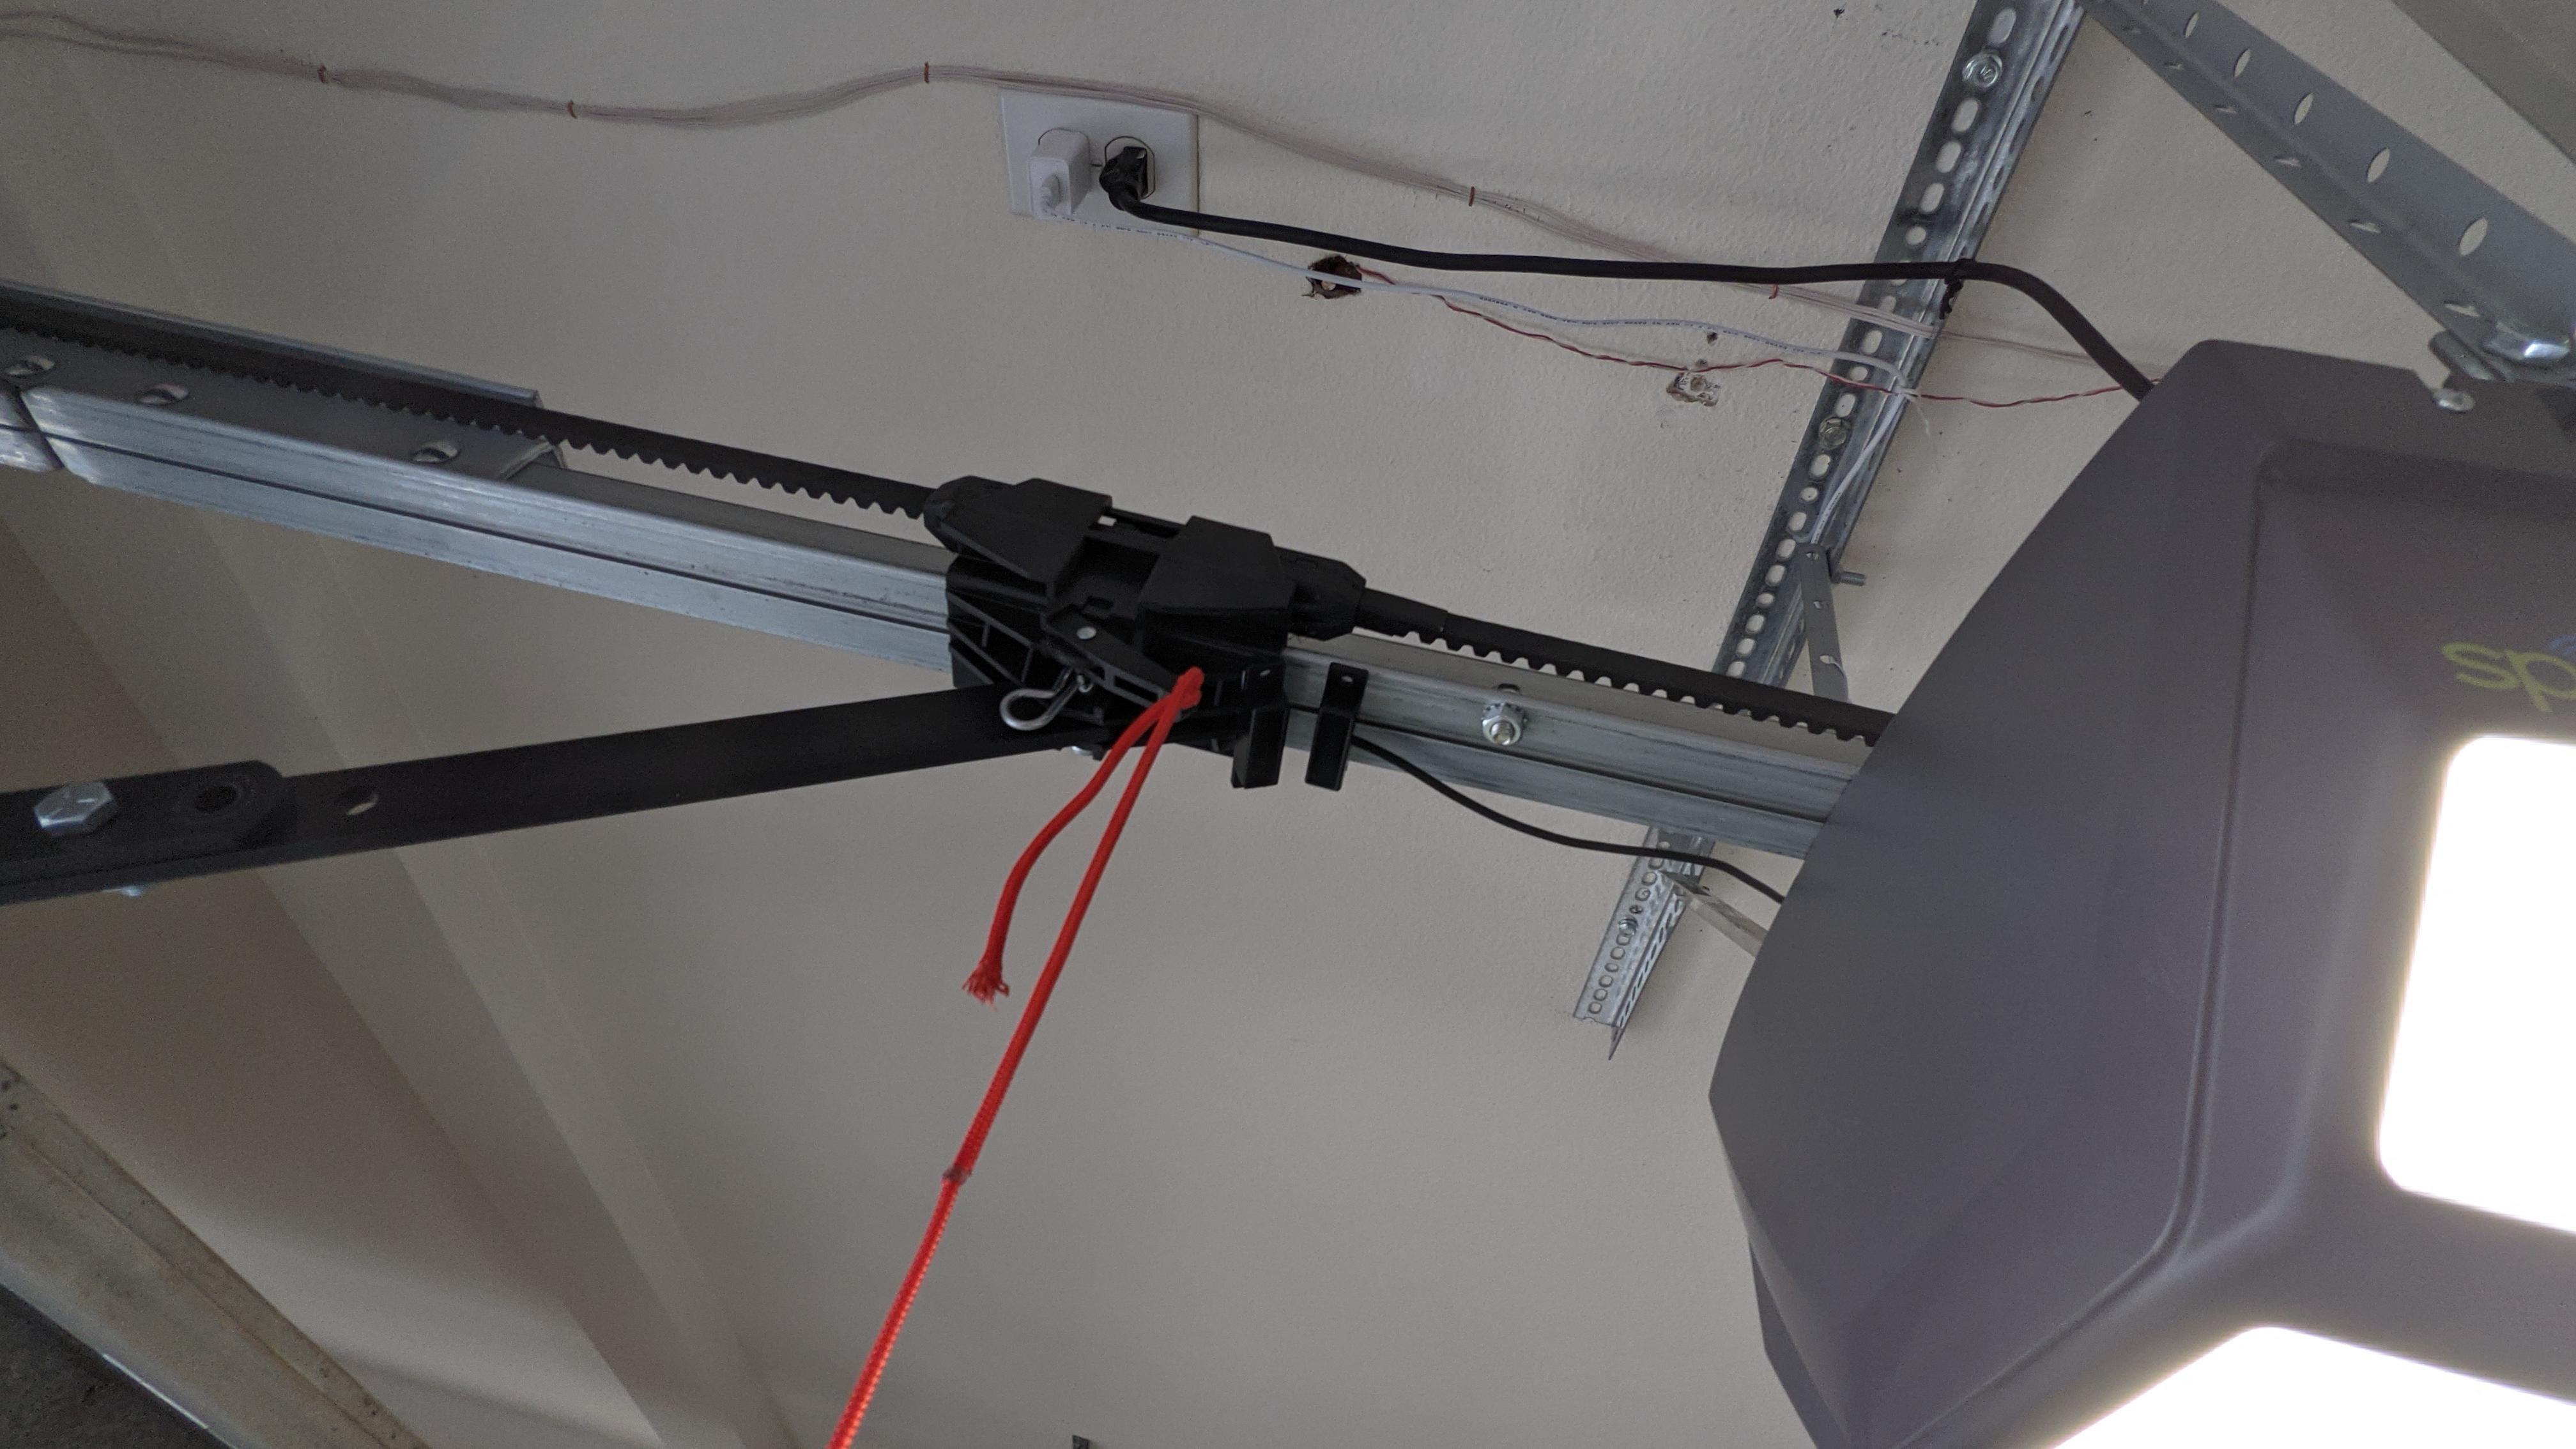 The Meross garage door opener reversed the condition of the